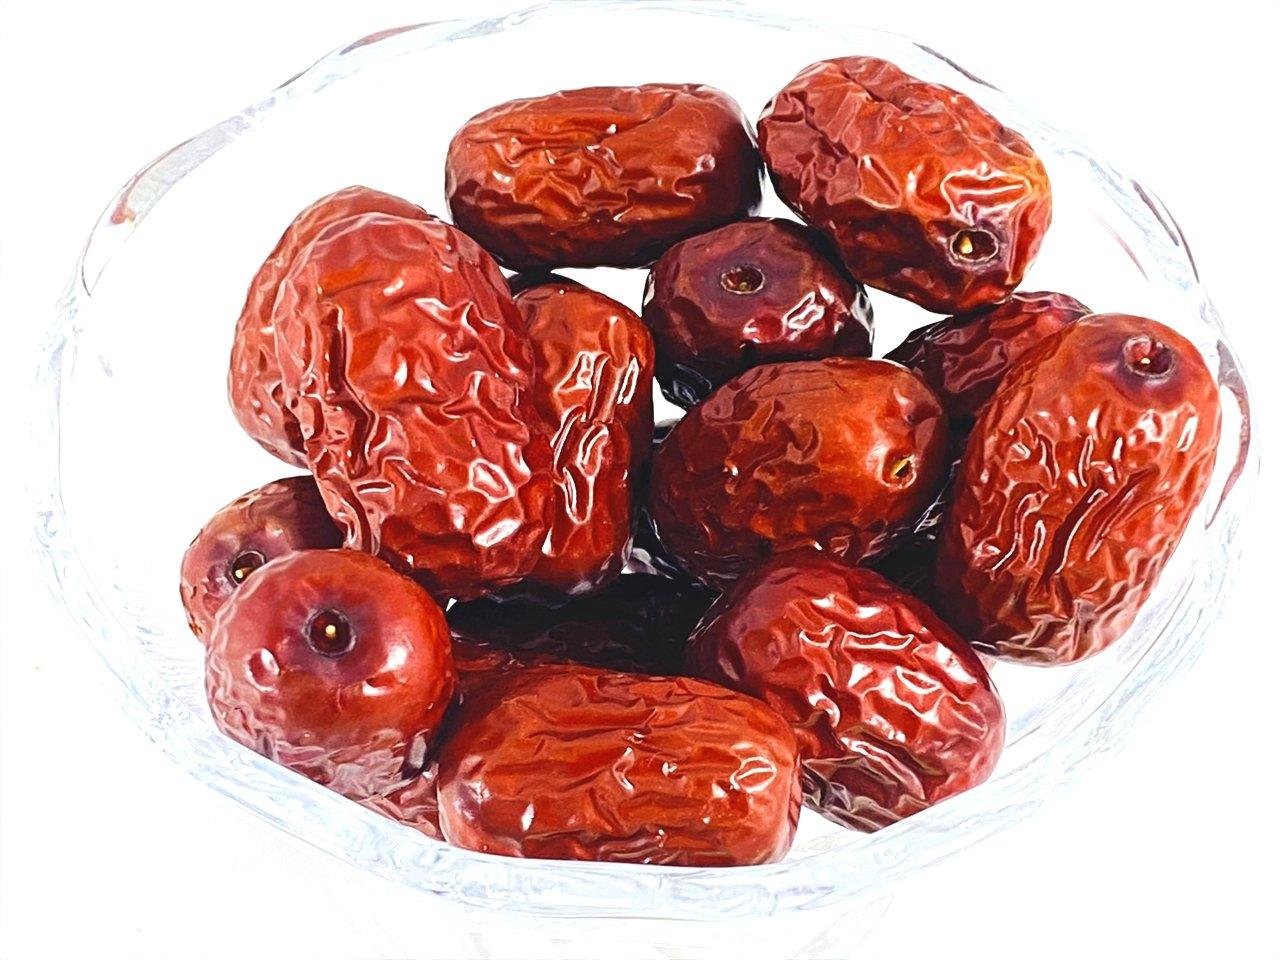 中華料理に使われる干しナツメで知られたフルーツ『ナツメ』。